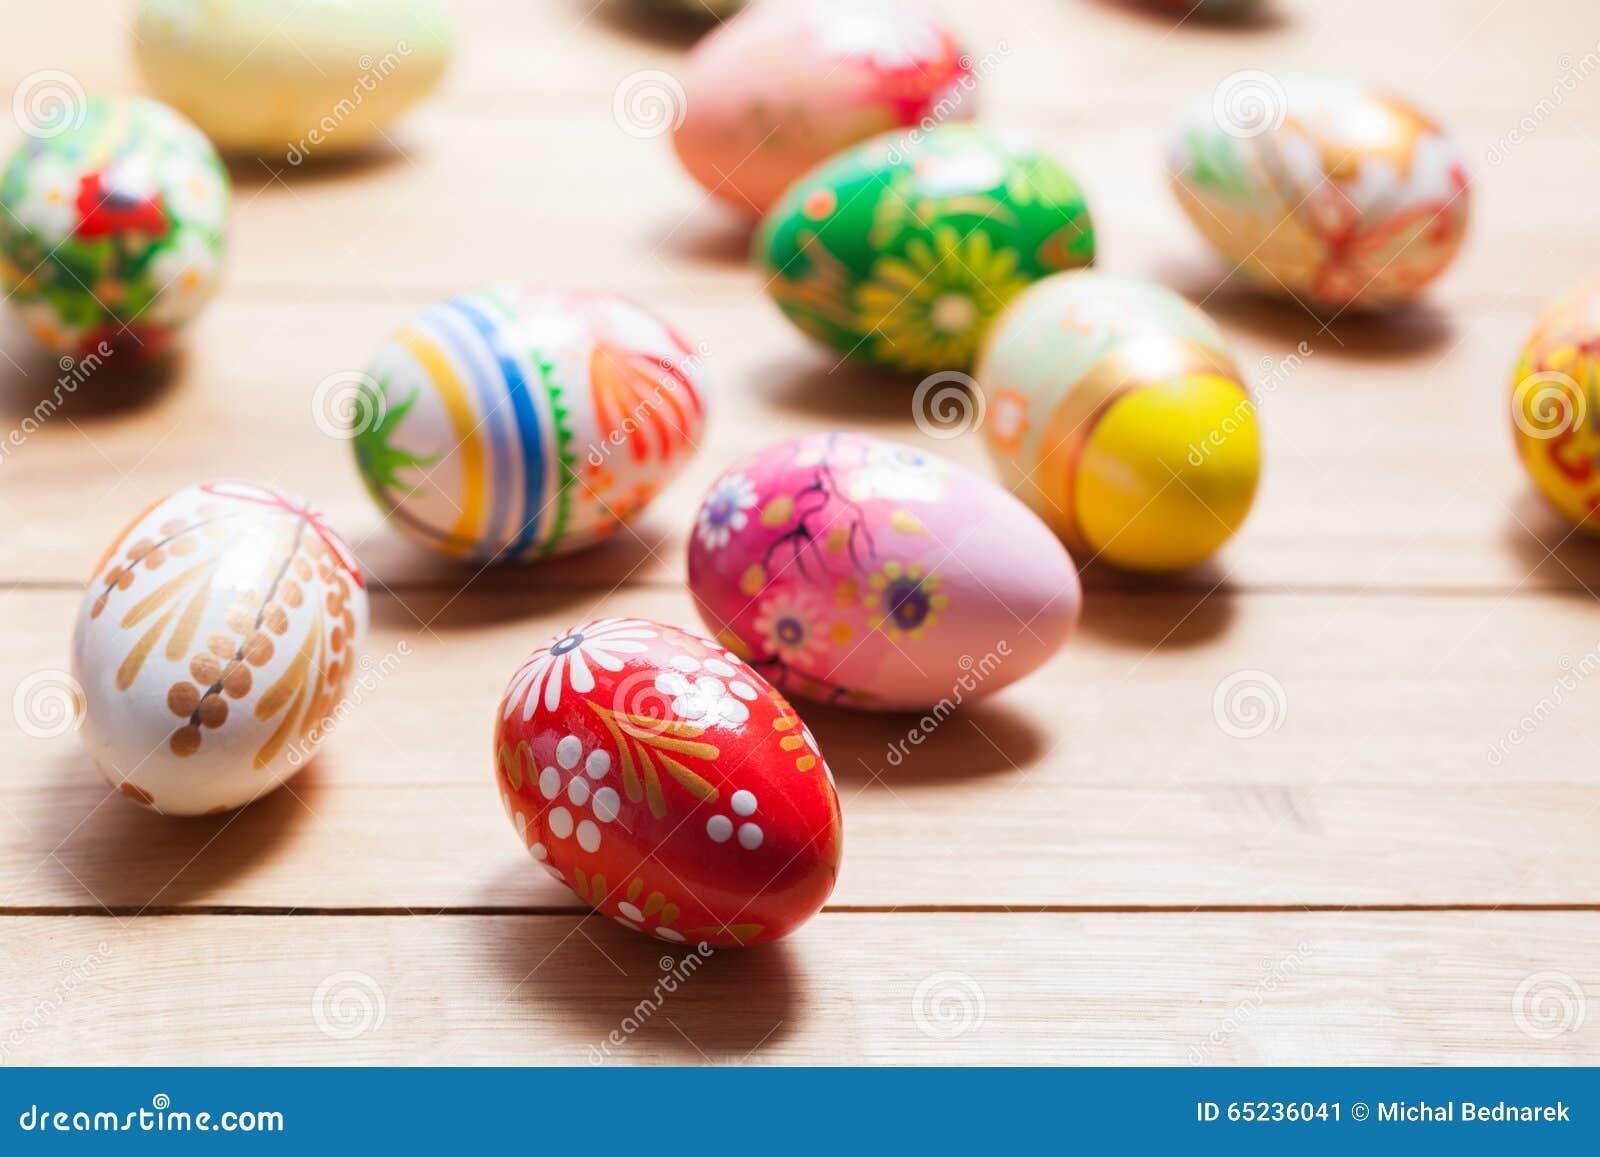 Ζωηρόχρωμα χρωματισμένα χέρι αυγά Πάσχας στο ξύλο Μοναδικό χειροποίητο, εκλεκτής ποιότητας σχέδιο